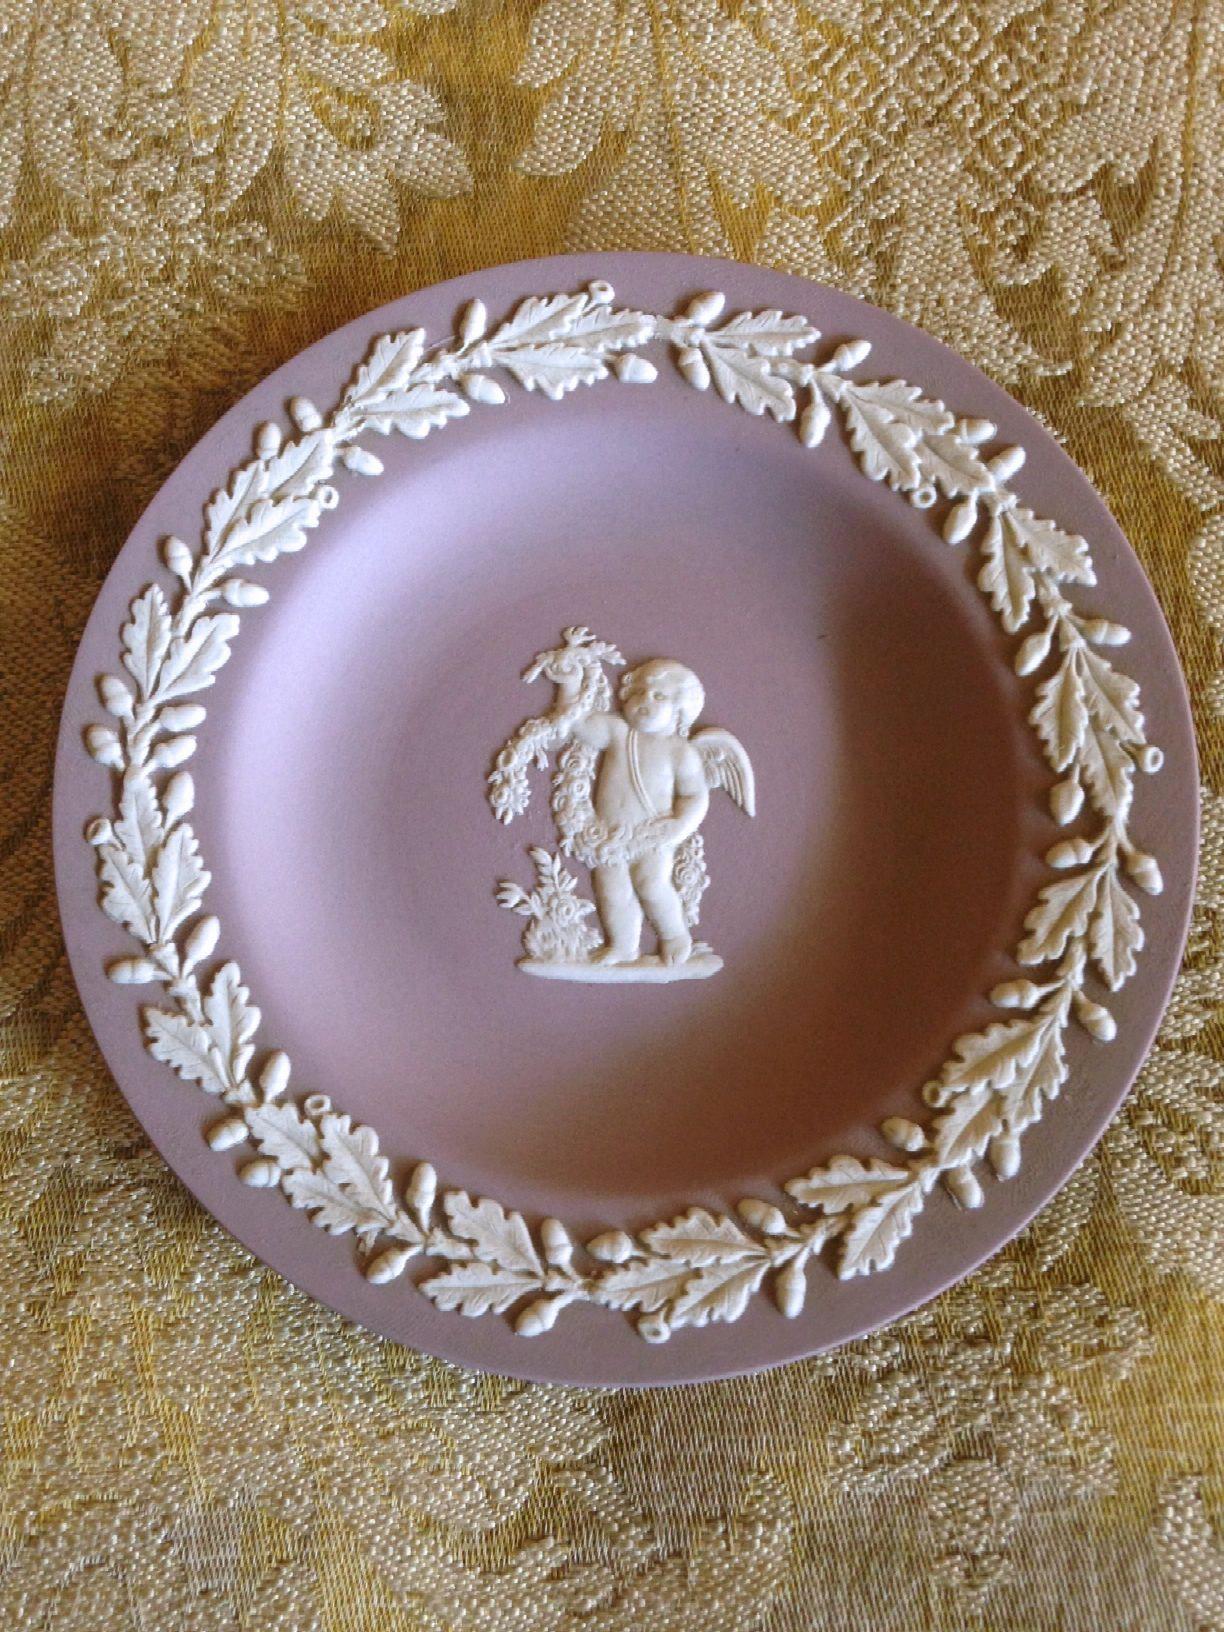 Wedgwood Jasperware Trinket Dish Lavender Cupid Flowers